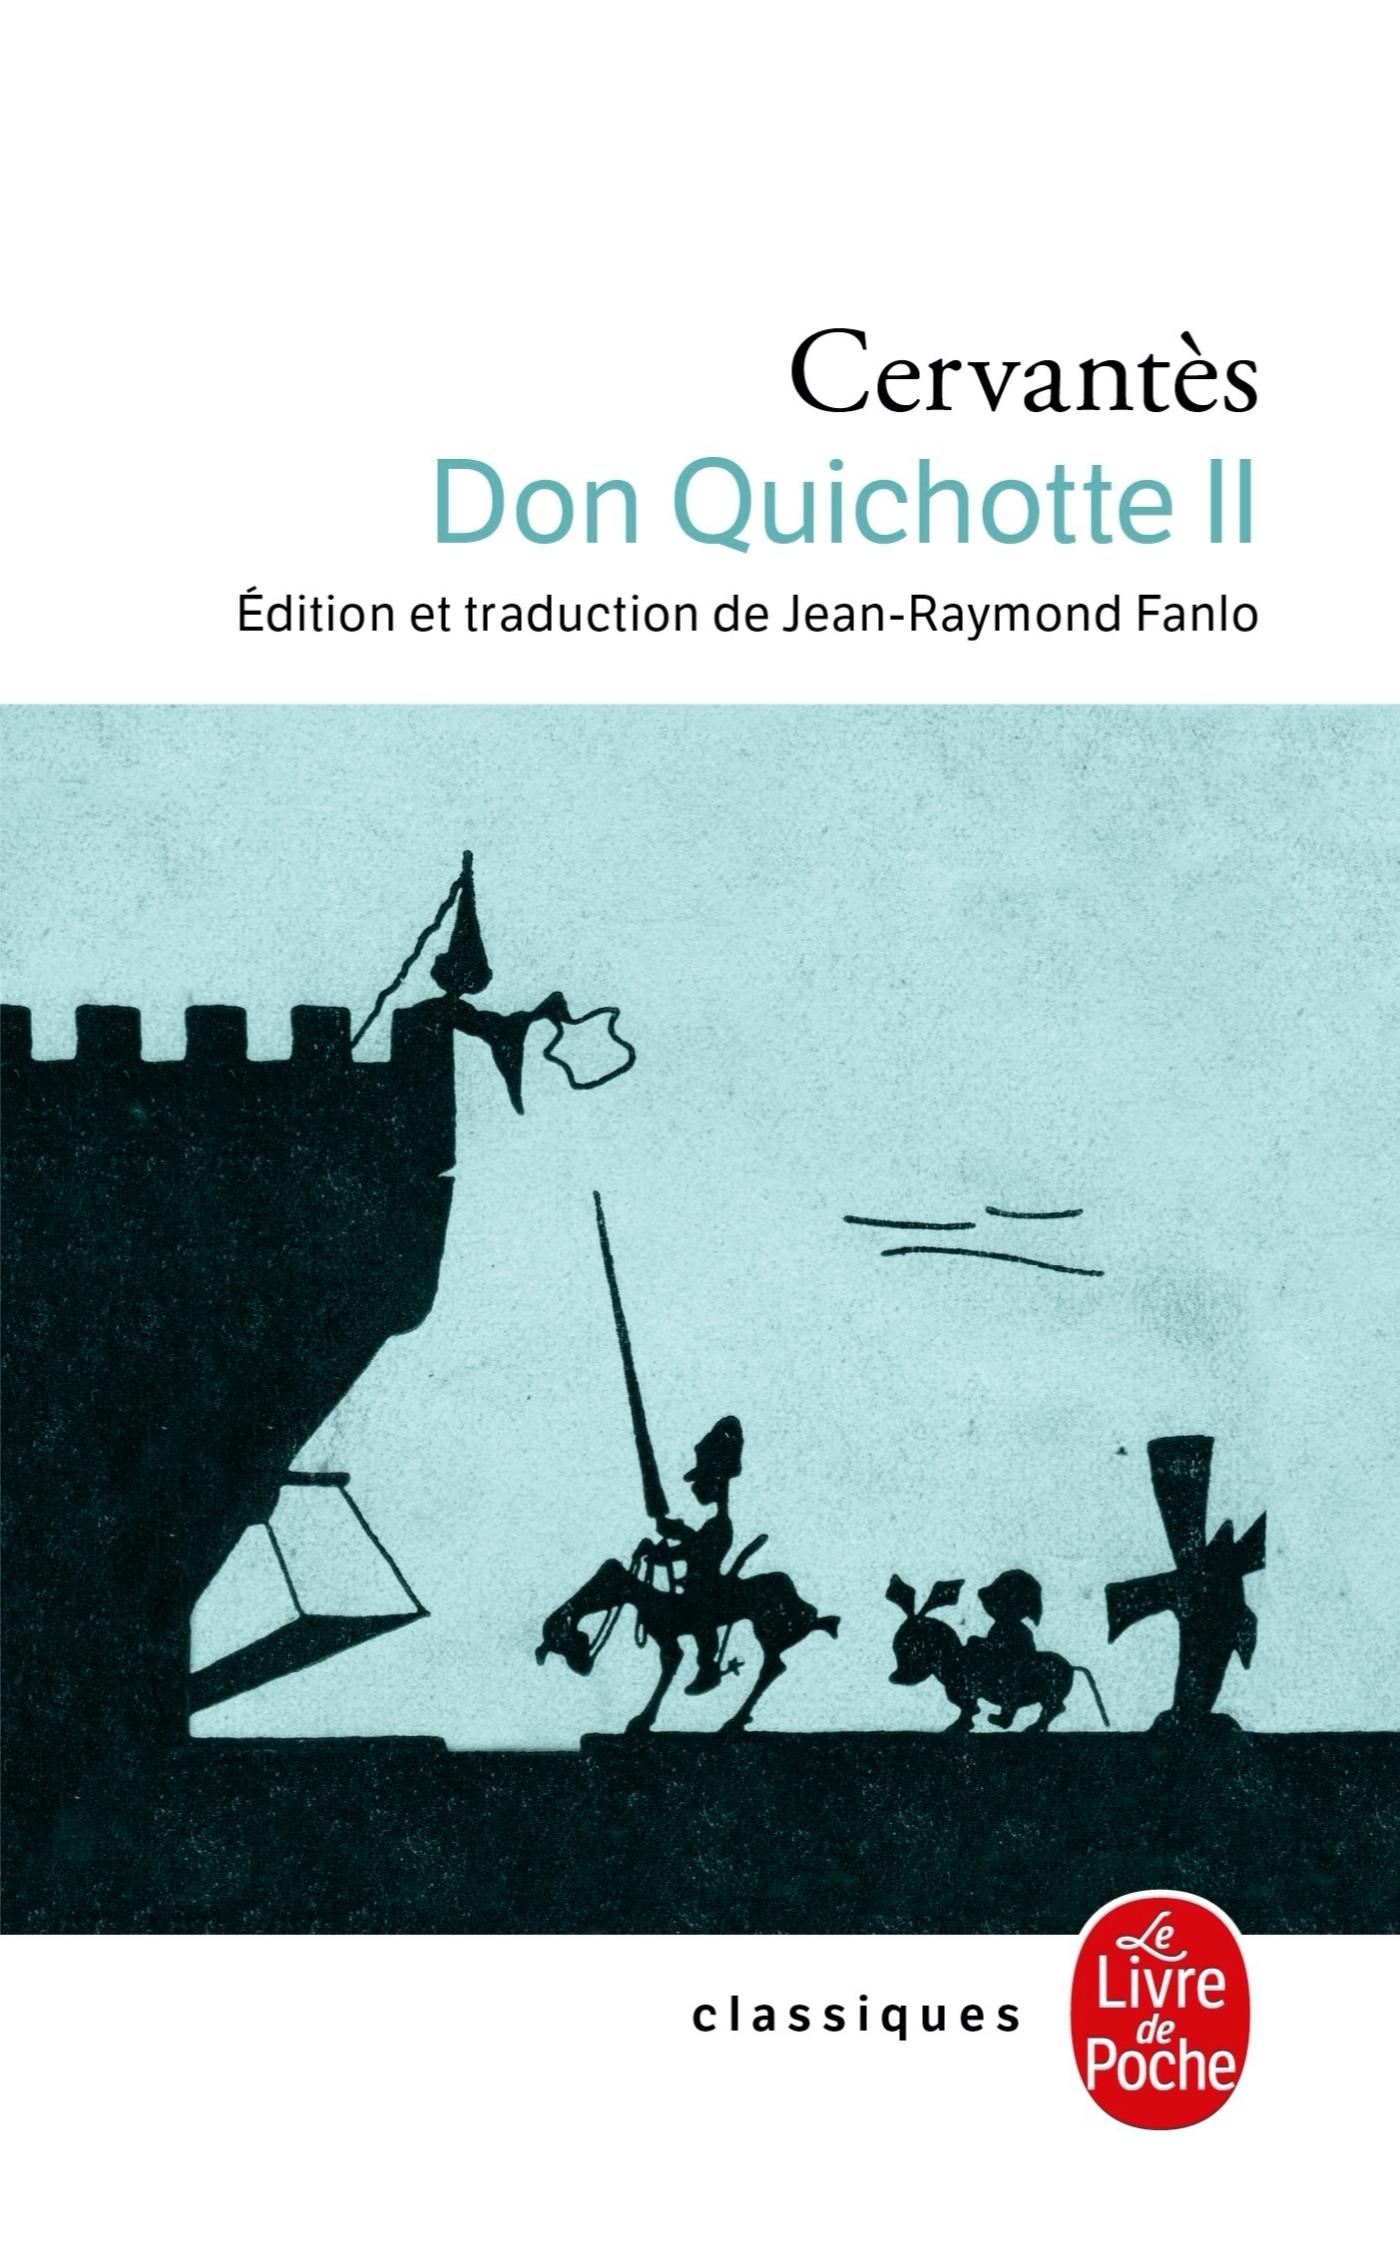 DON QUICHOTTE (DON QUICHOTTE, TOME 2)